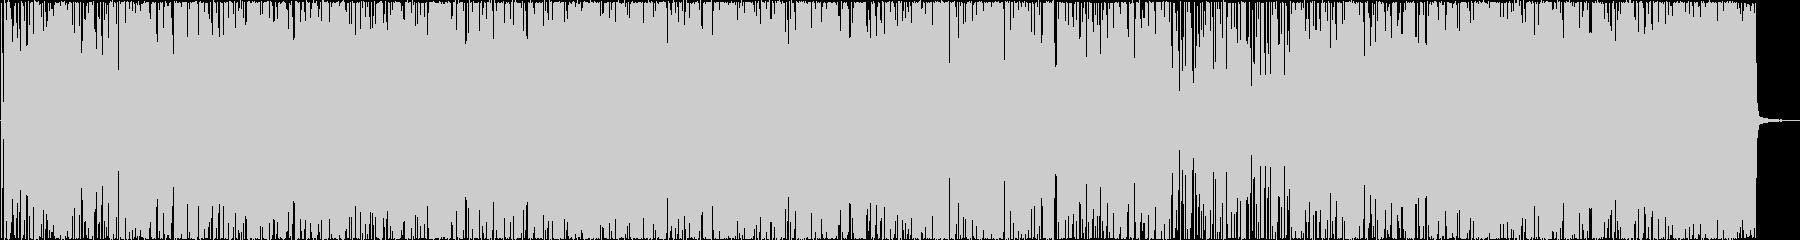 おしゃれなリズミック系ジャズの未再生の波形